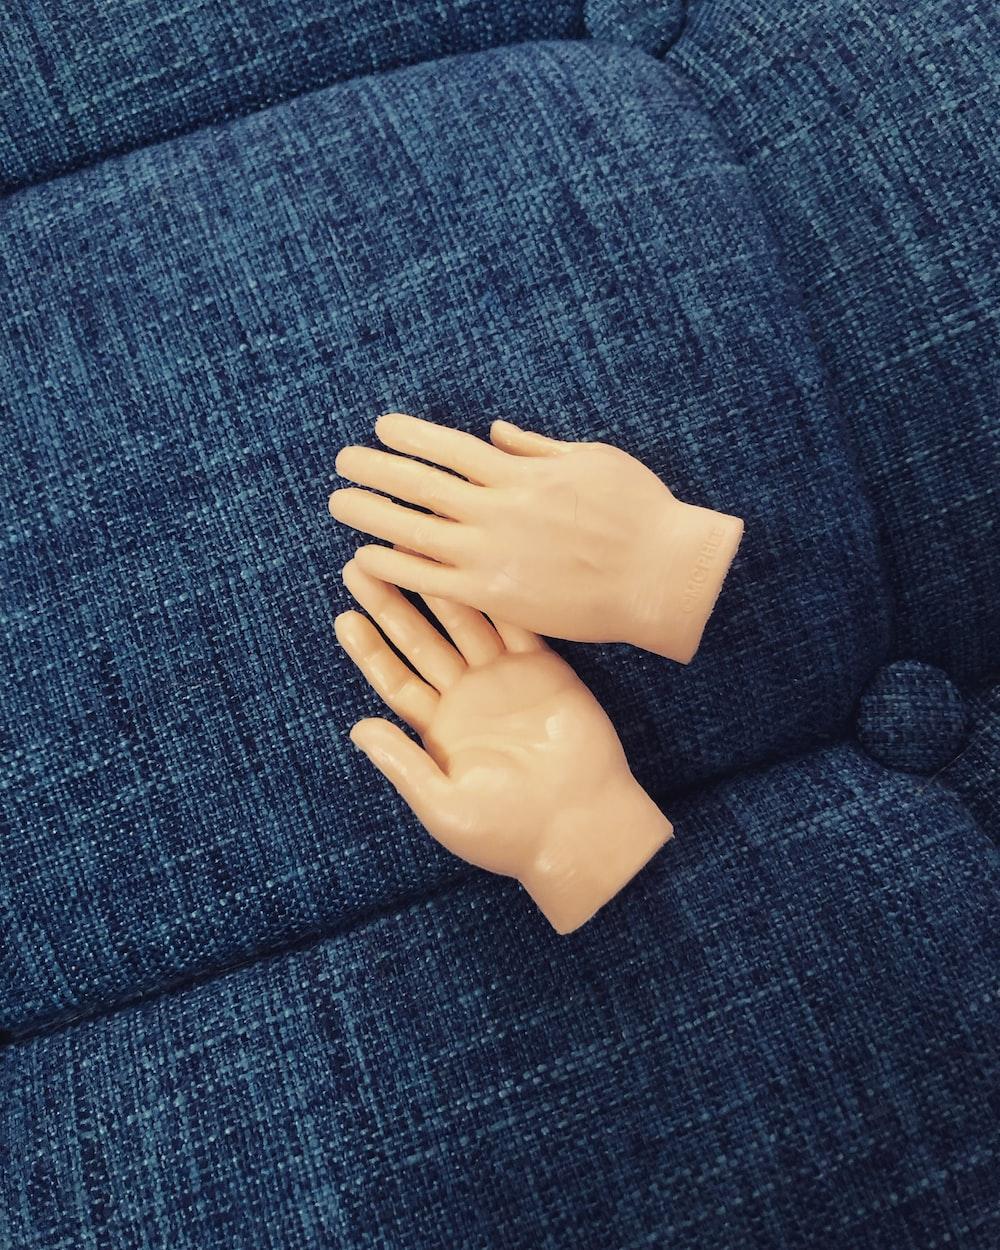 faux hands